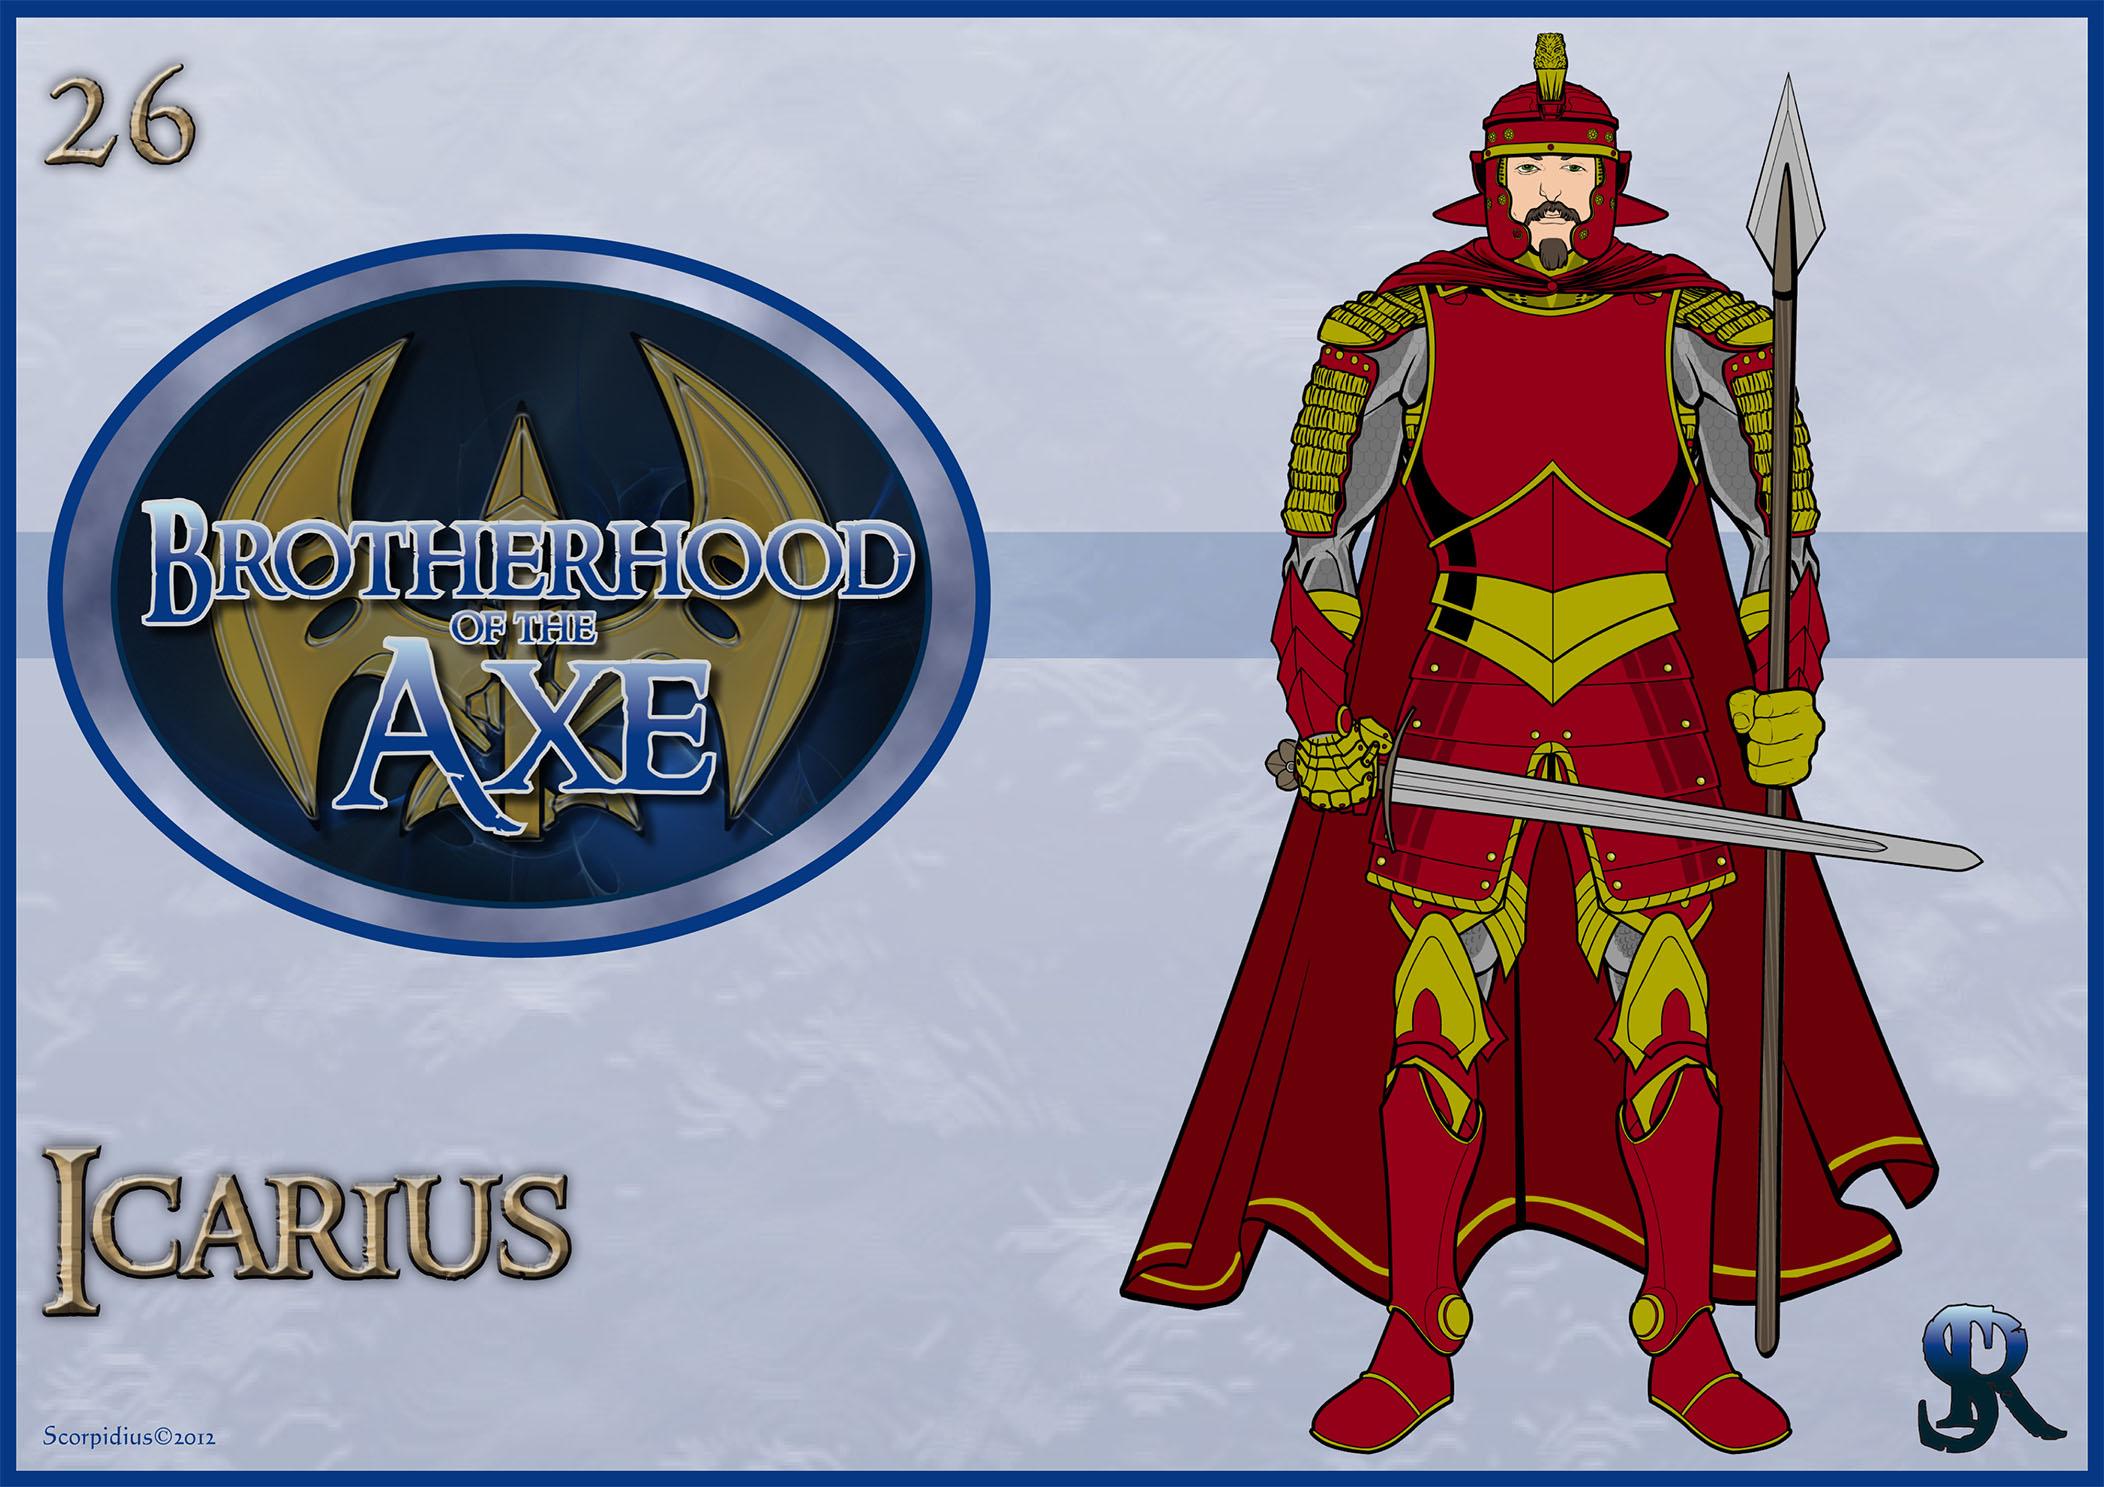 http://www.heromachine.com/wp-content/legacy/forum-image-uploads/scorpidius/2012/03/026-Icarius.jpg